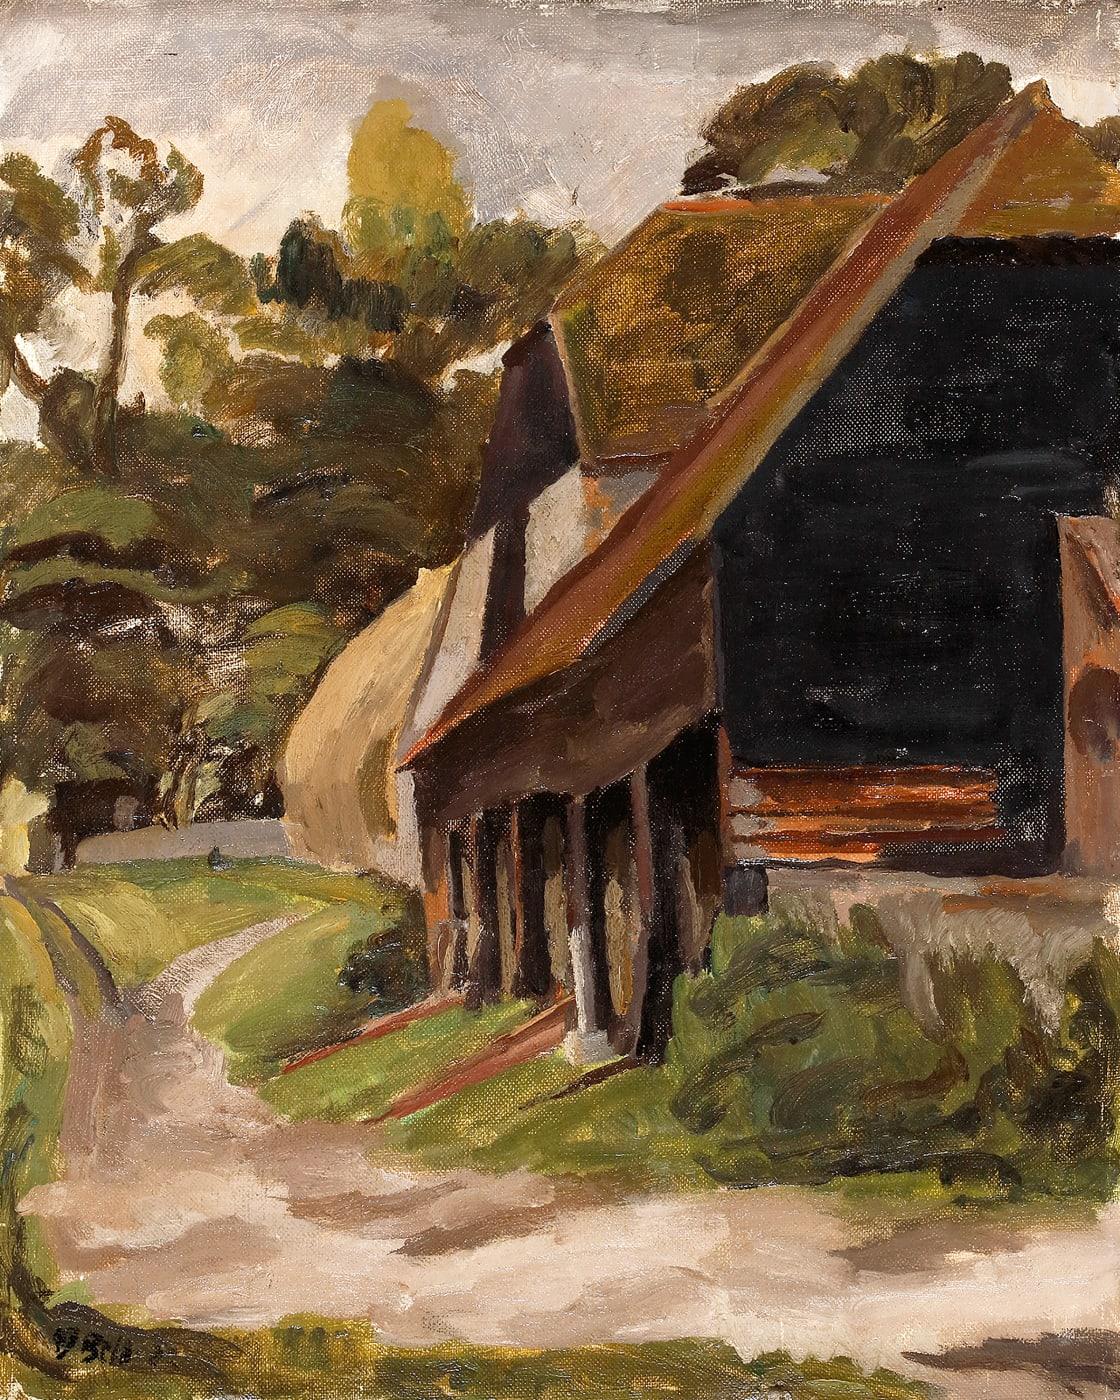 The Granary at Charleston Farmhouse by Vanessa Bell